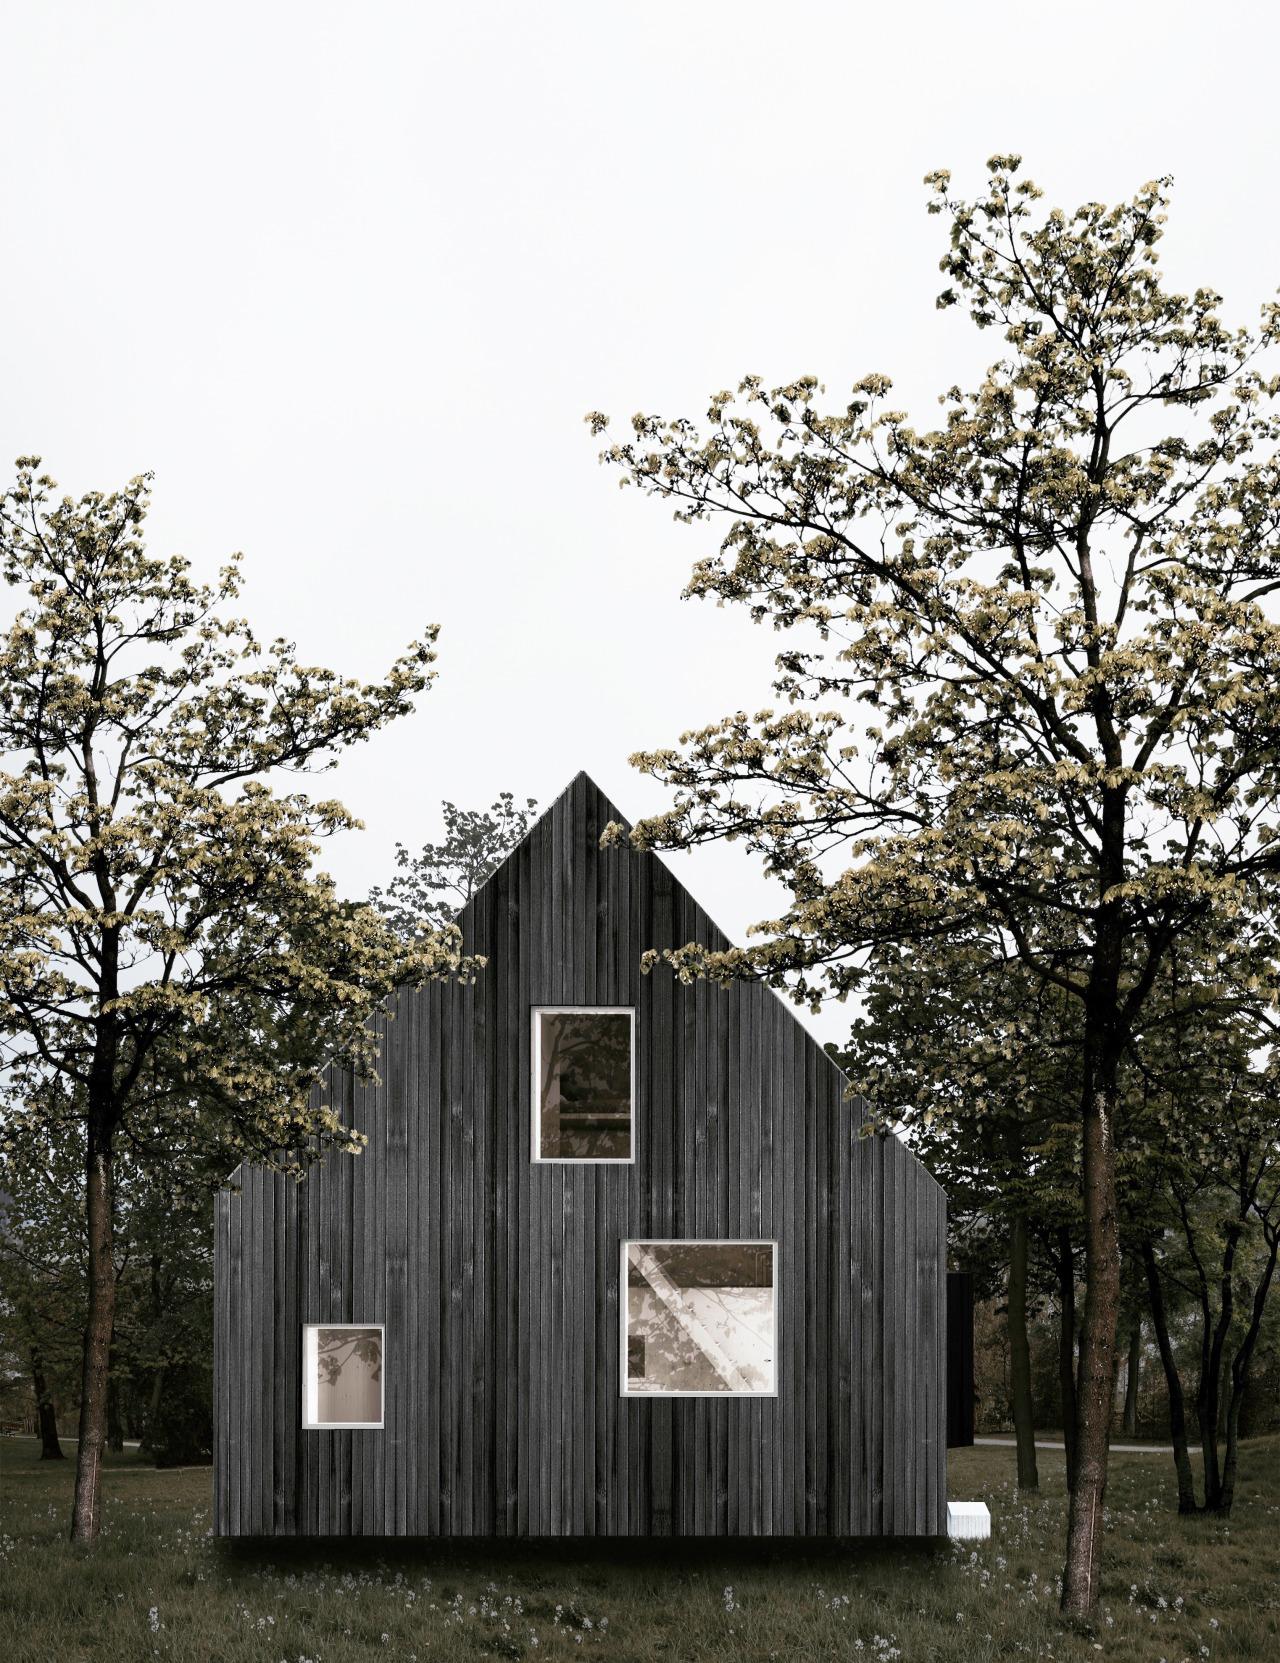 maison d'architecte en bois brûlé